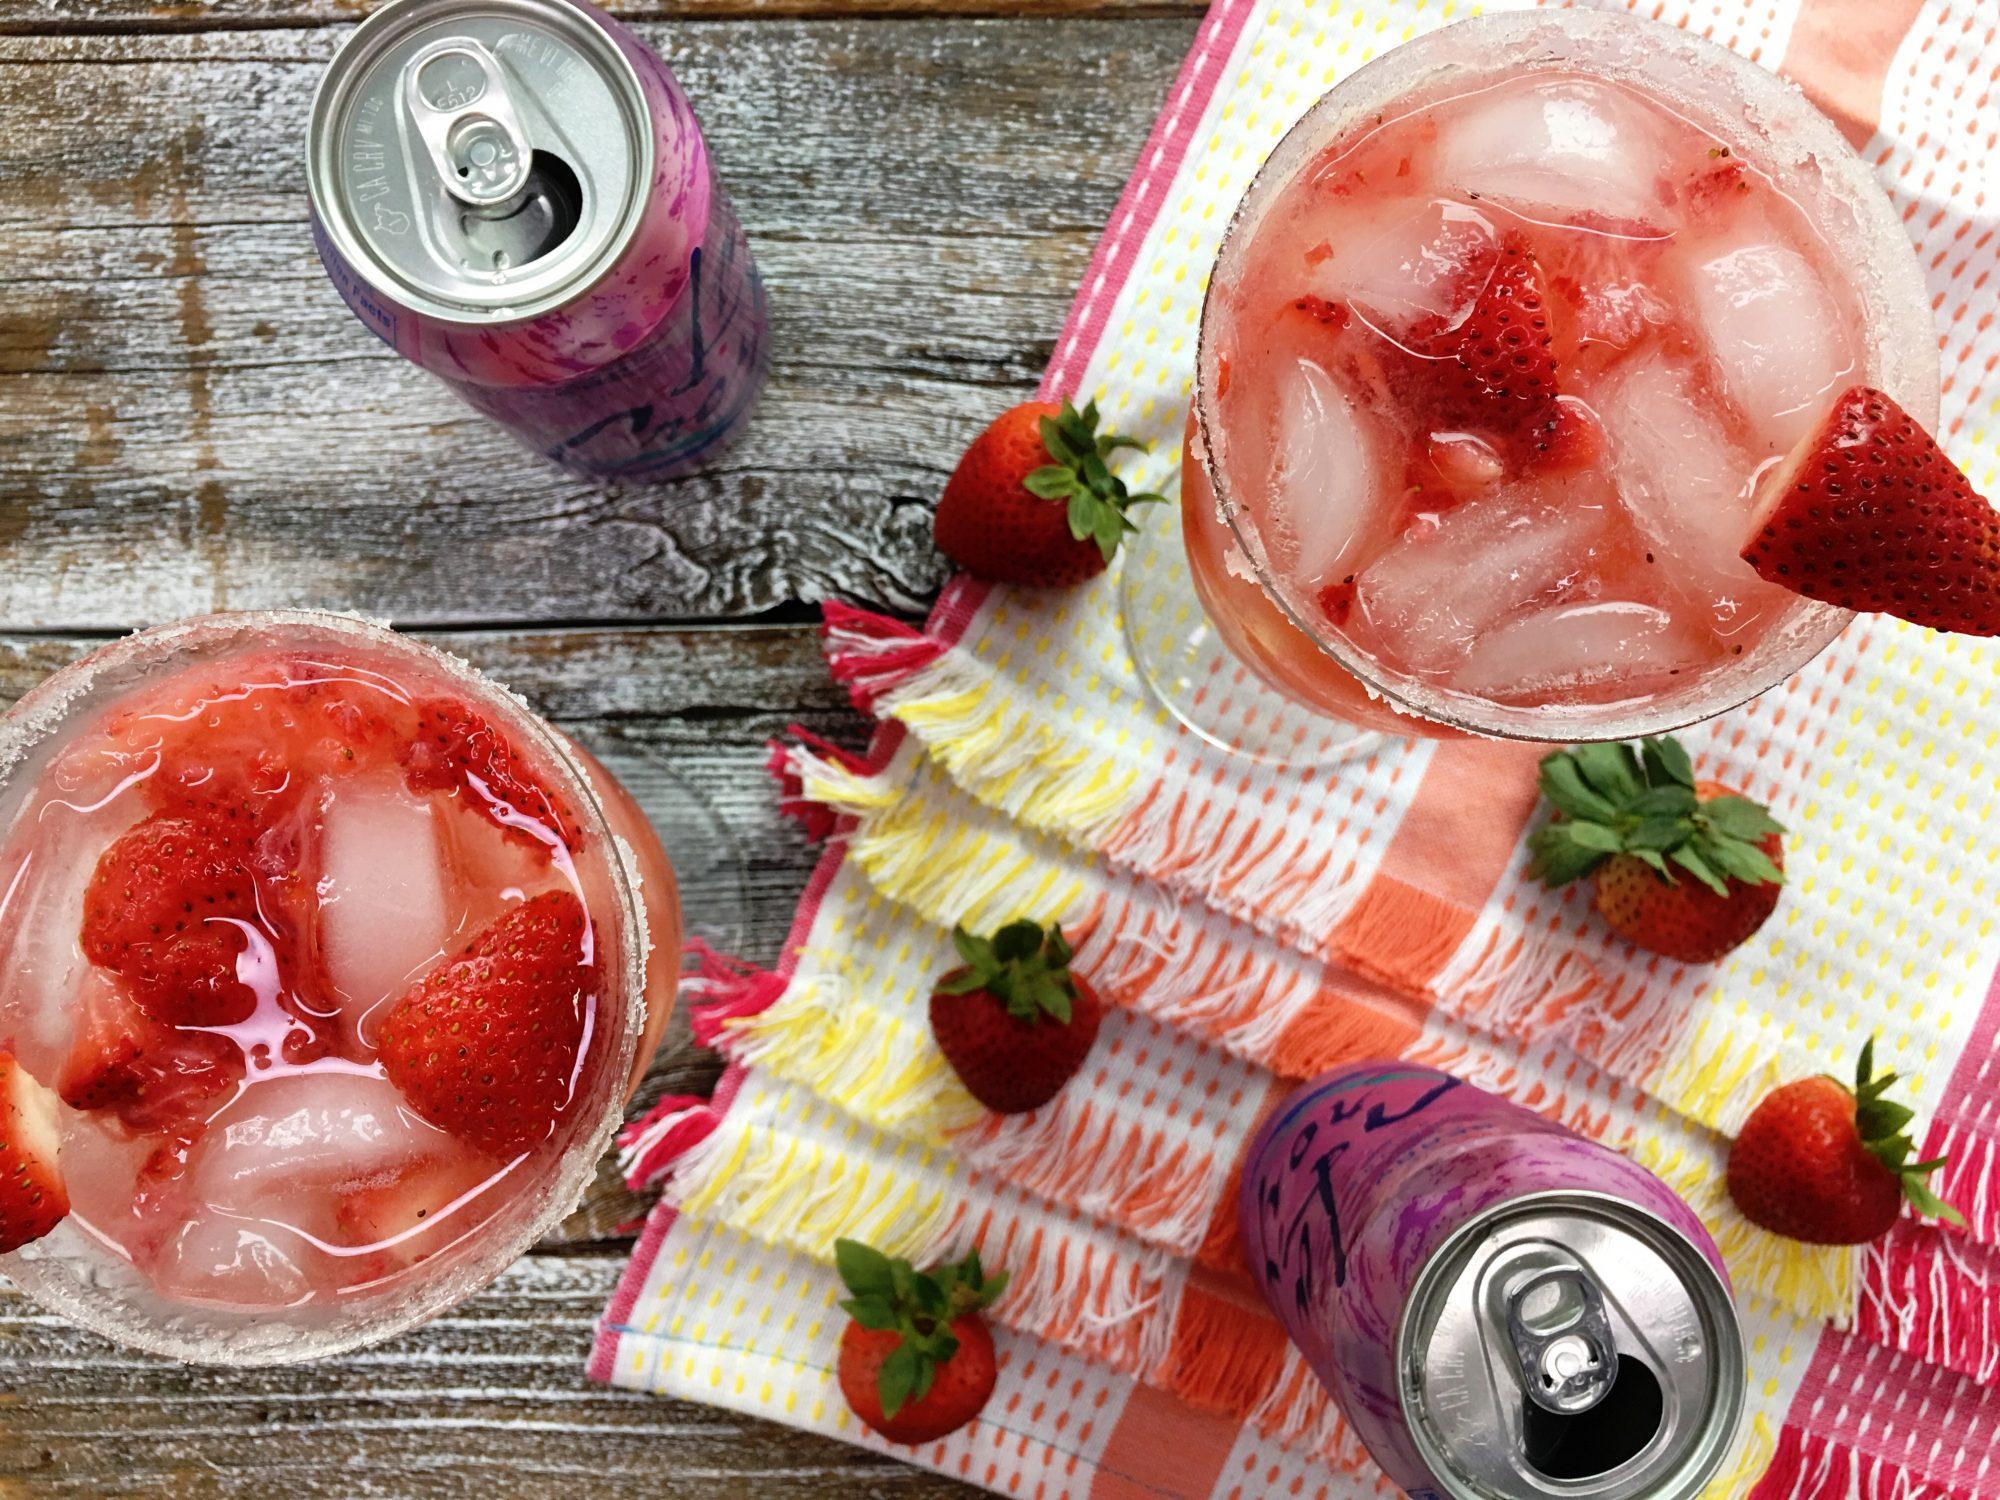 La Croix Strawberry Daiquiri